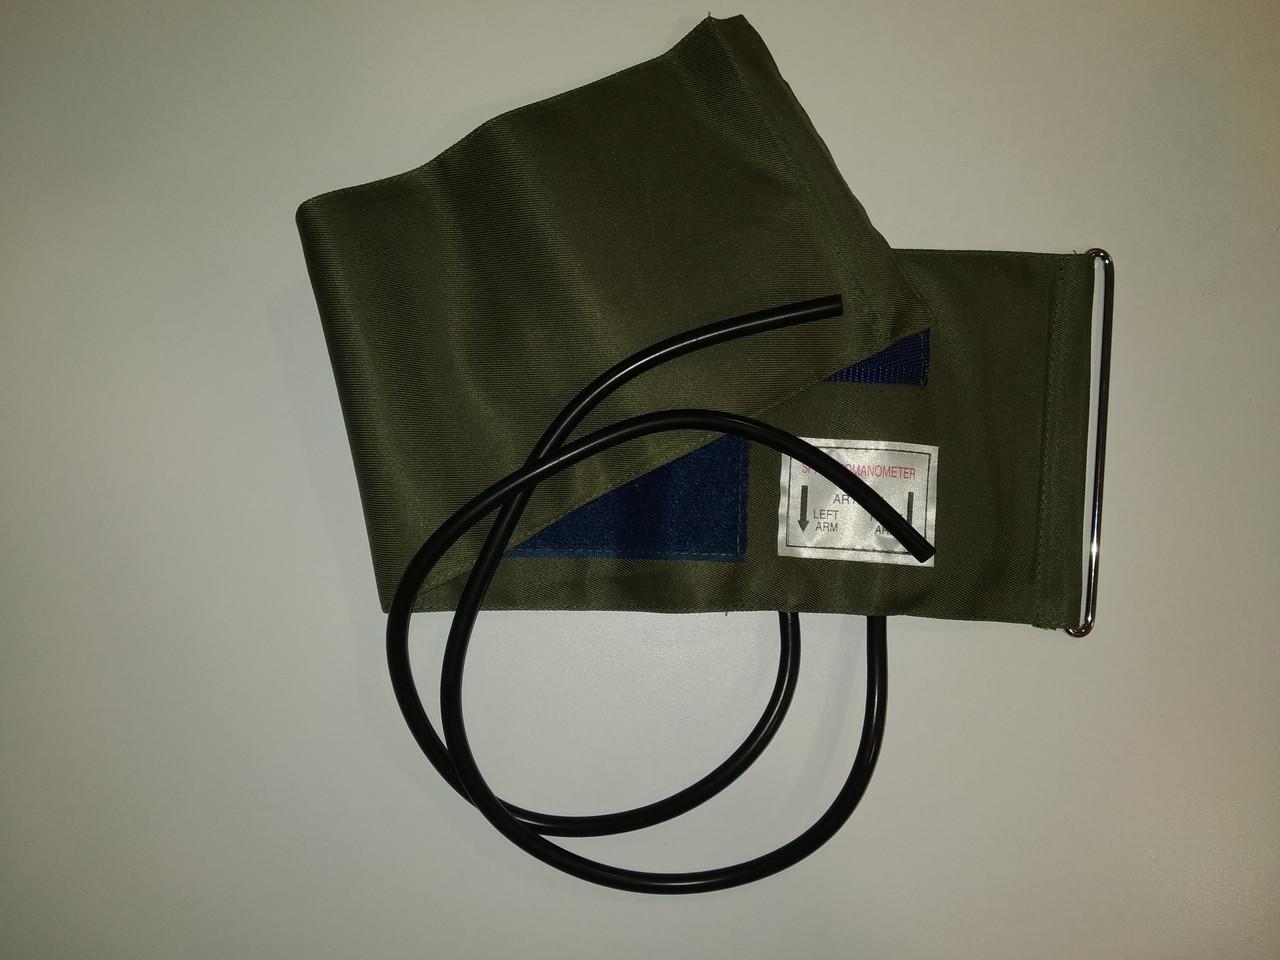 Манжет тканинний 2-х трубковий з кільцем для механічних тонометрів, обхват 25-36 см